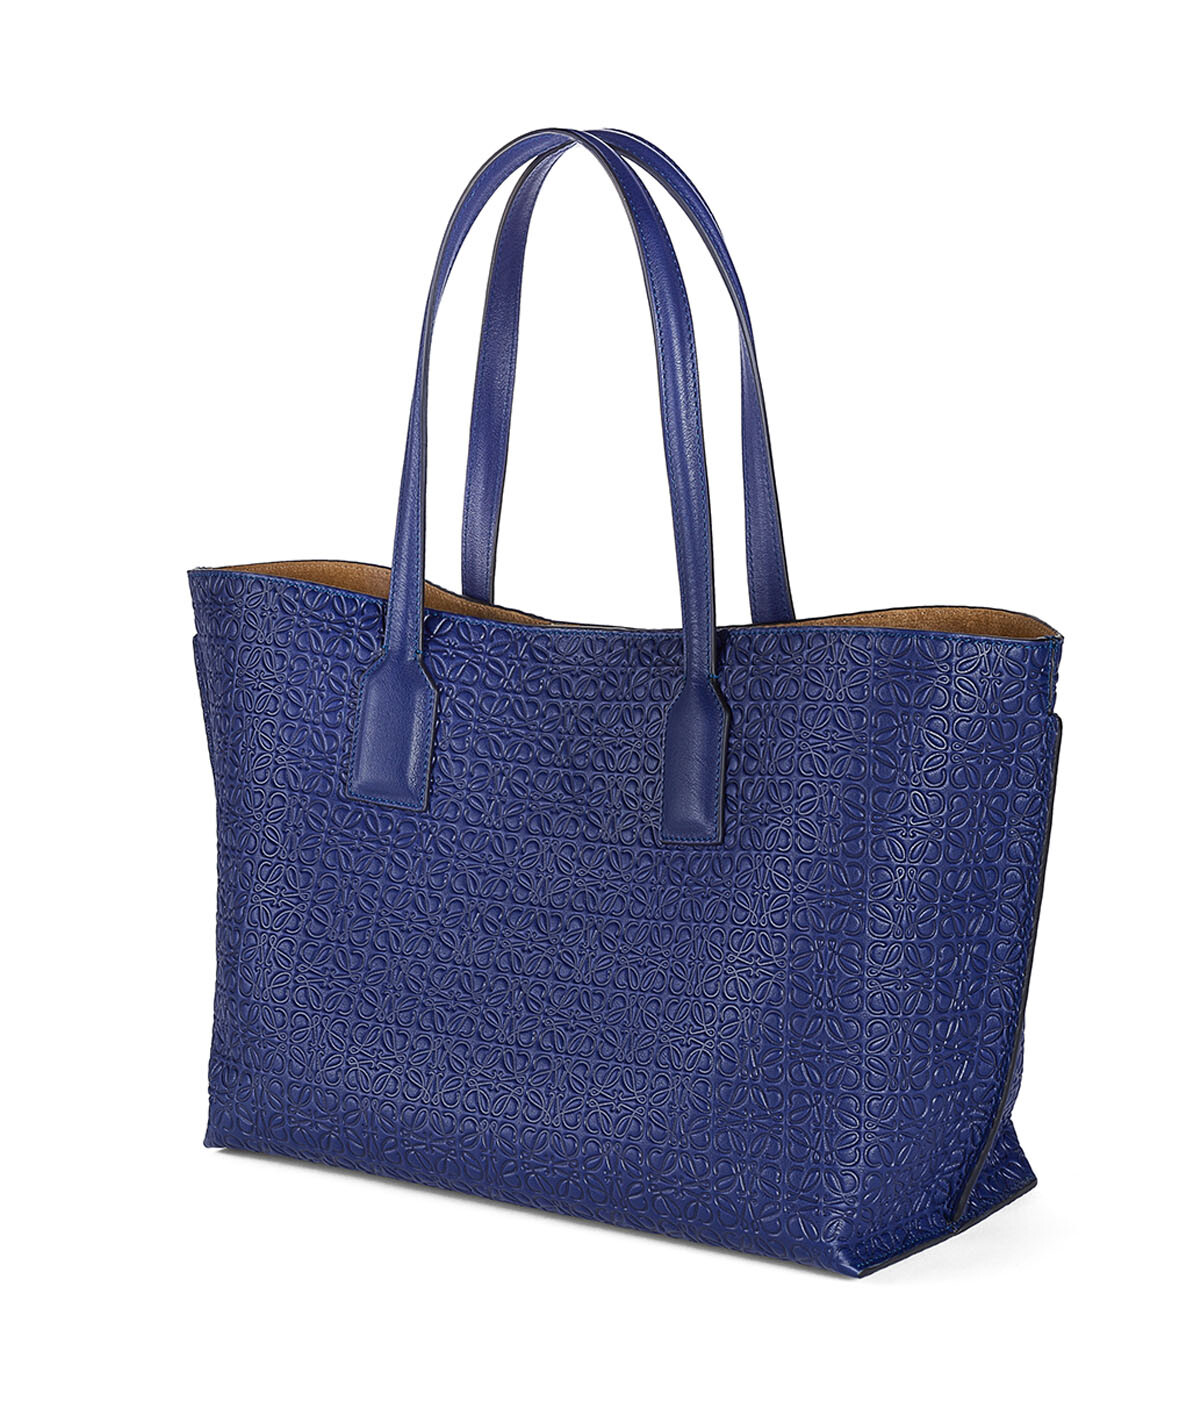 LOEWE T Shopper Bag Navy Blue front